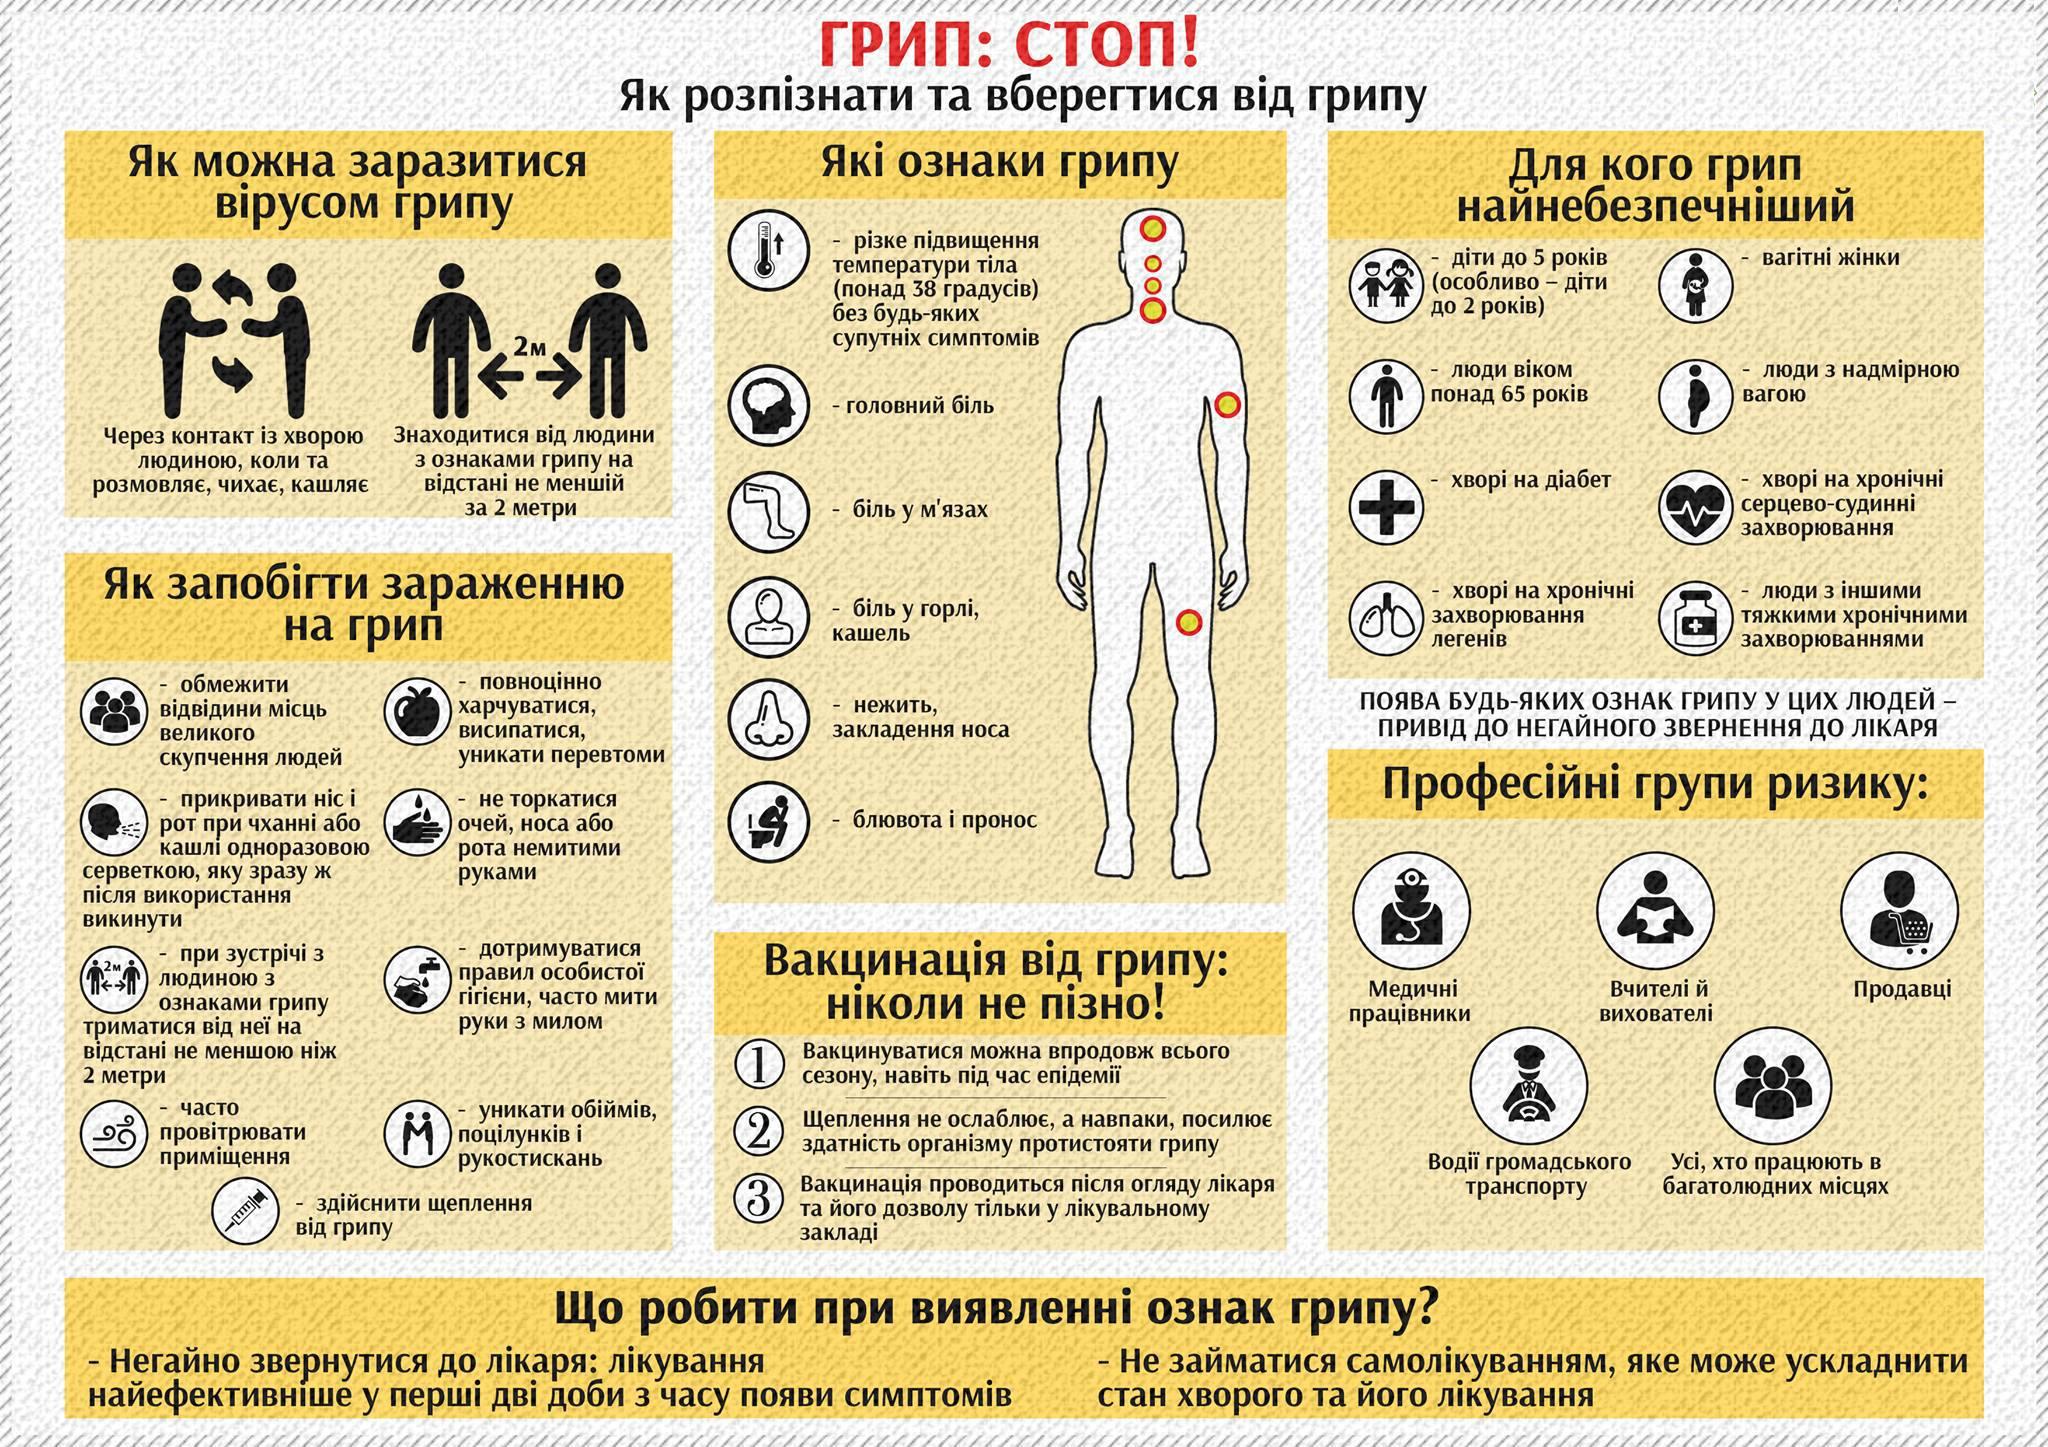 В Минздраве дали советы, как уберечься от гриппа: инфографика